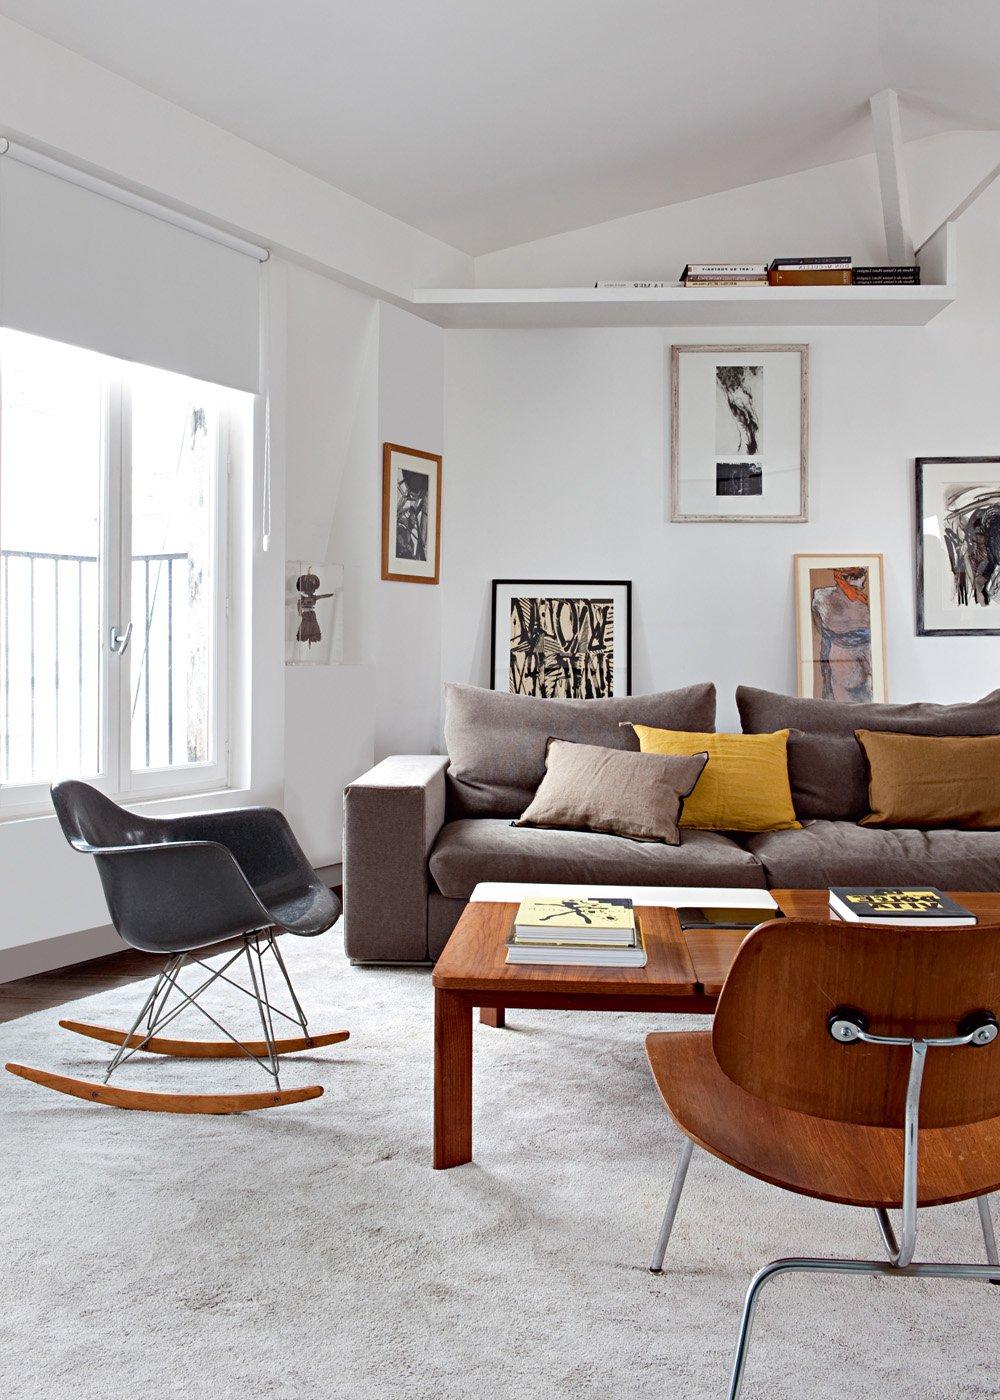 Однокомнатная квартира с мебелью в скандинавском стиле